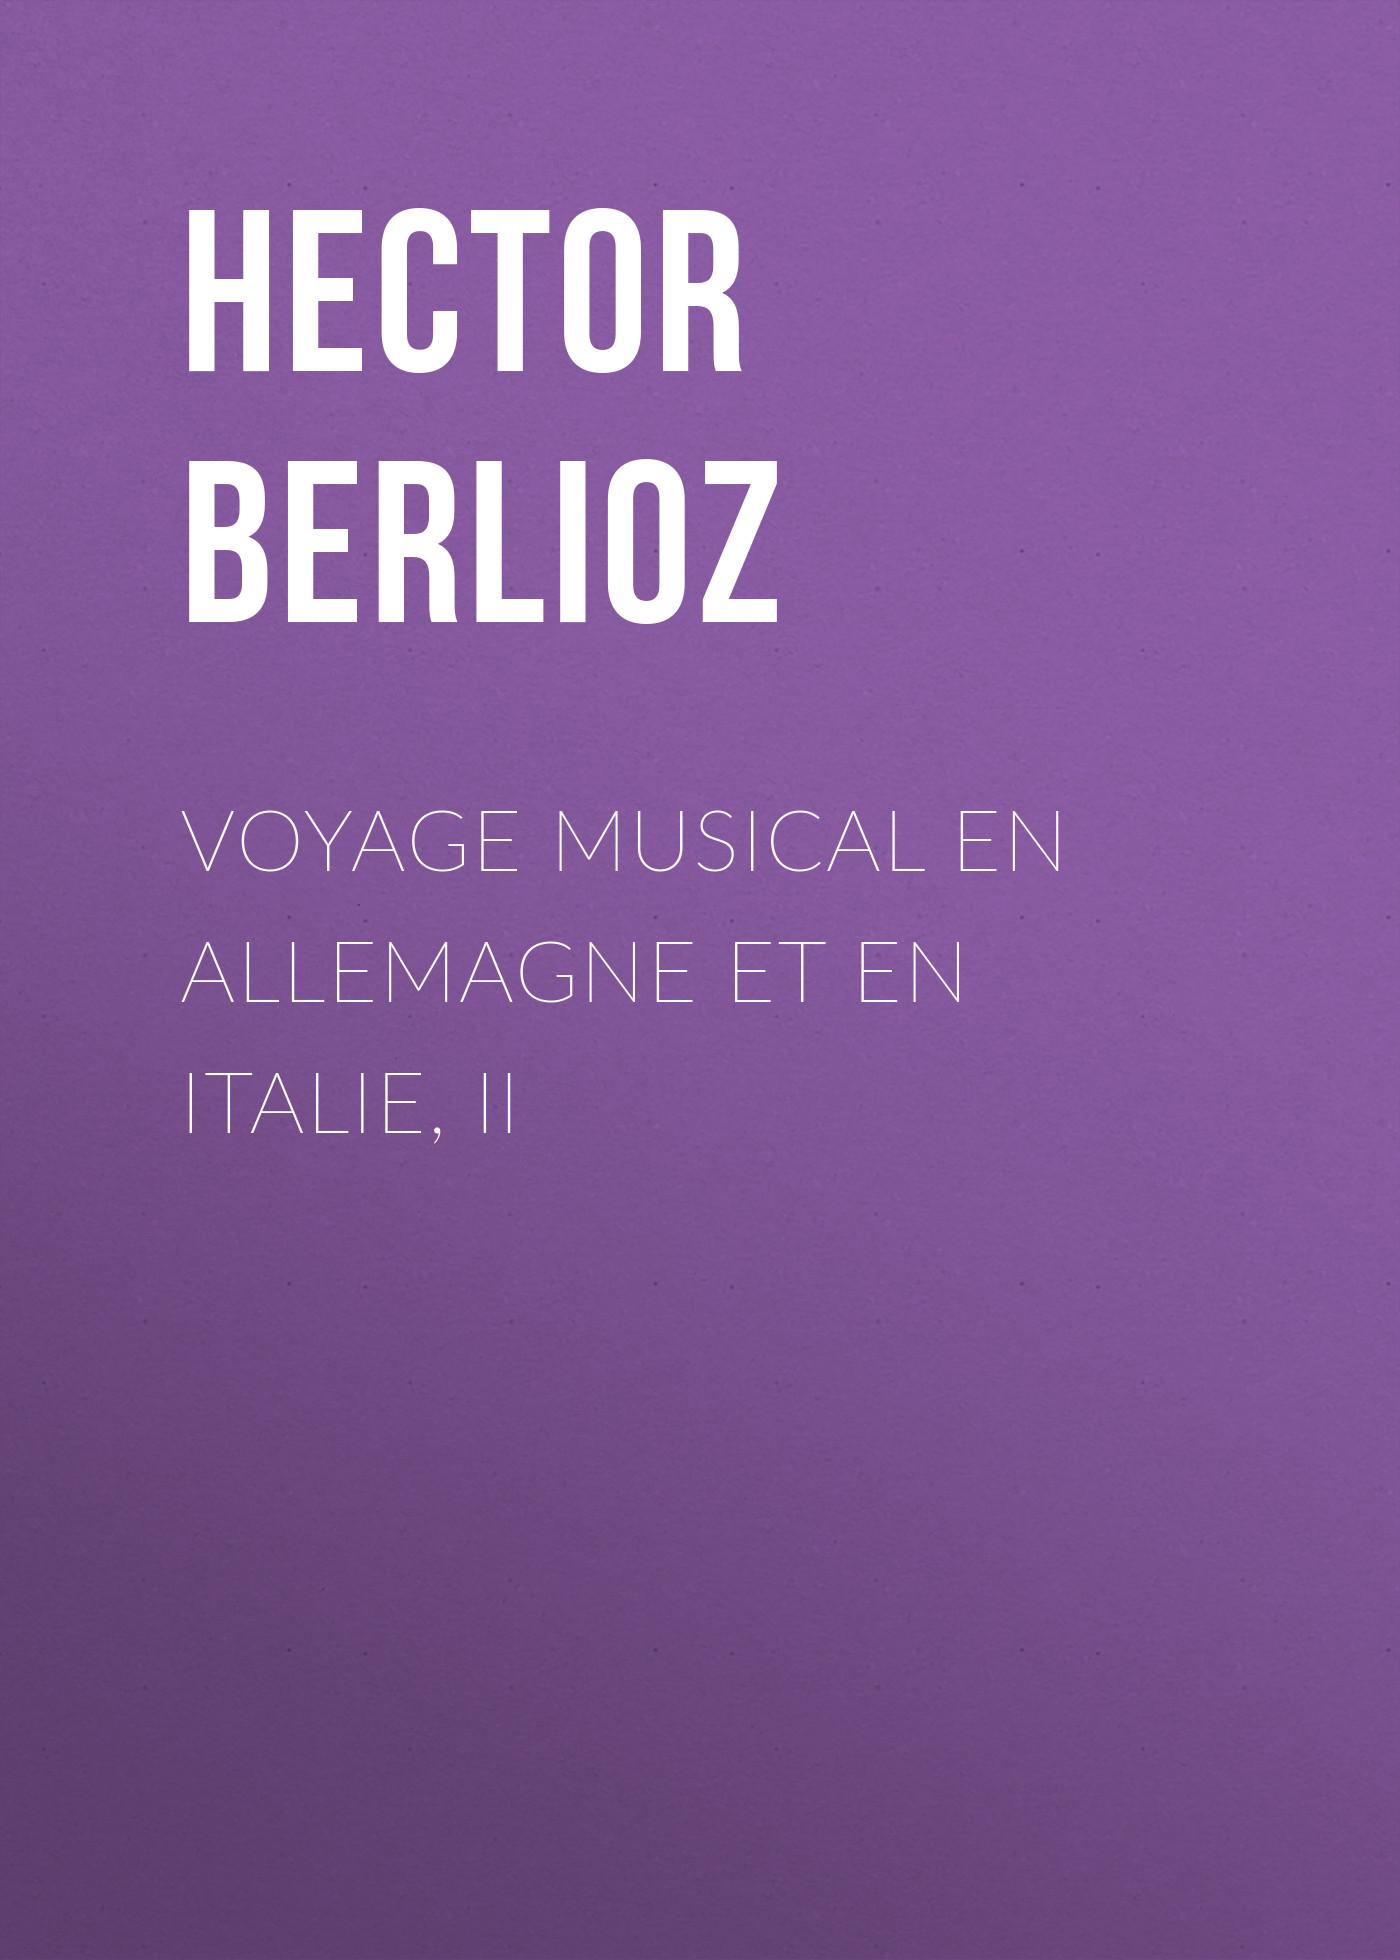 Hector Berlioz Voyage musical en Allemagne et en Italie, II victor de jouy l hermite en italie t 2